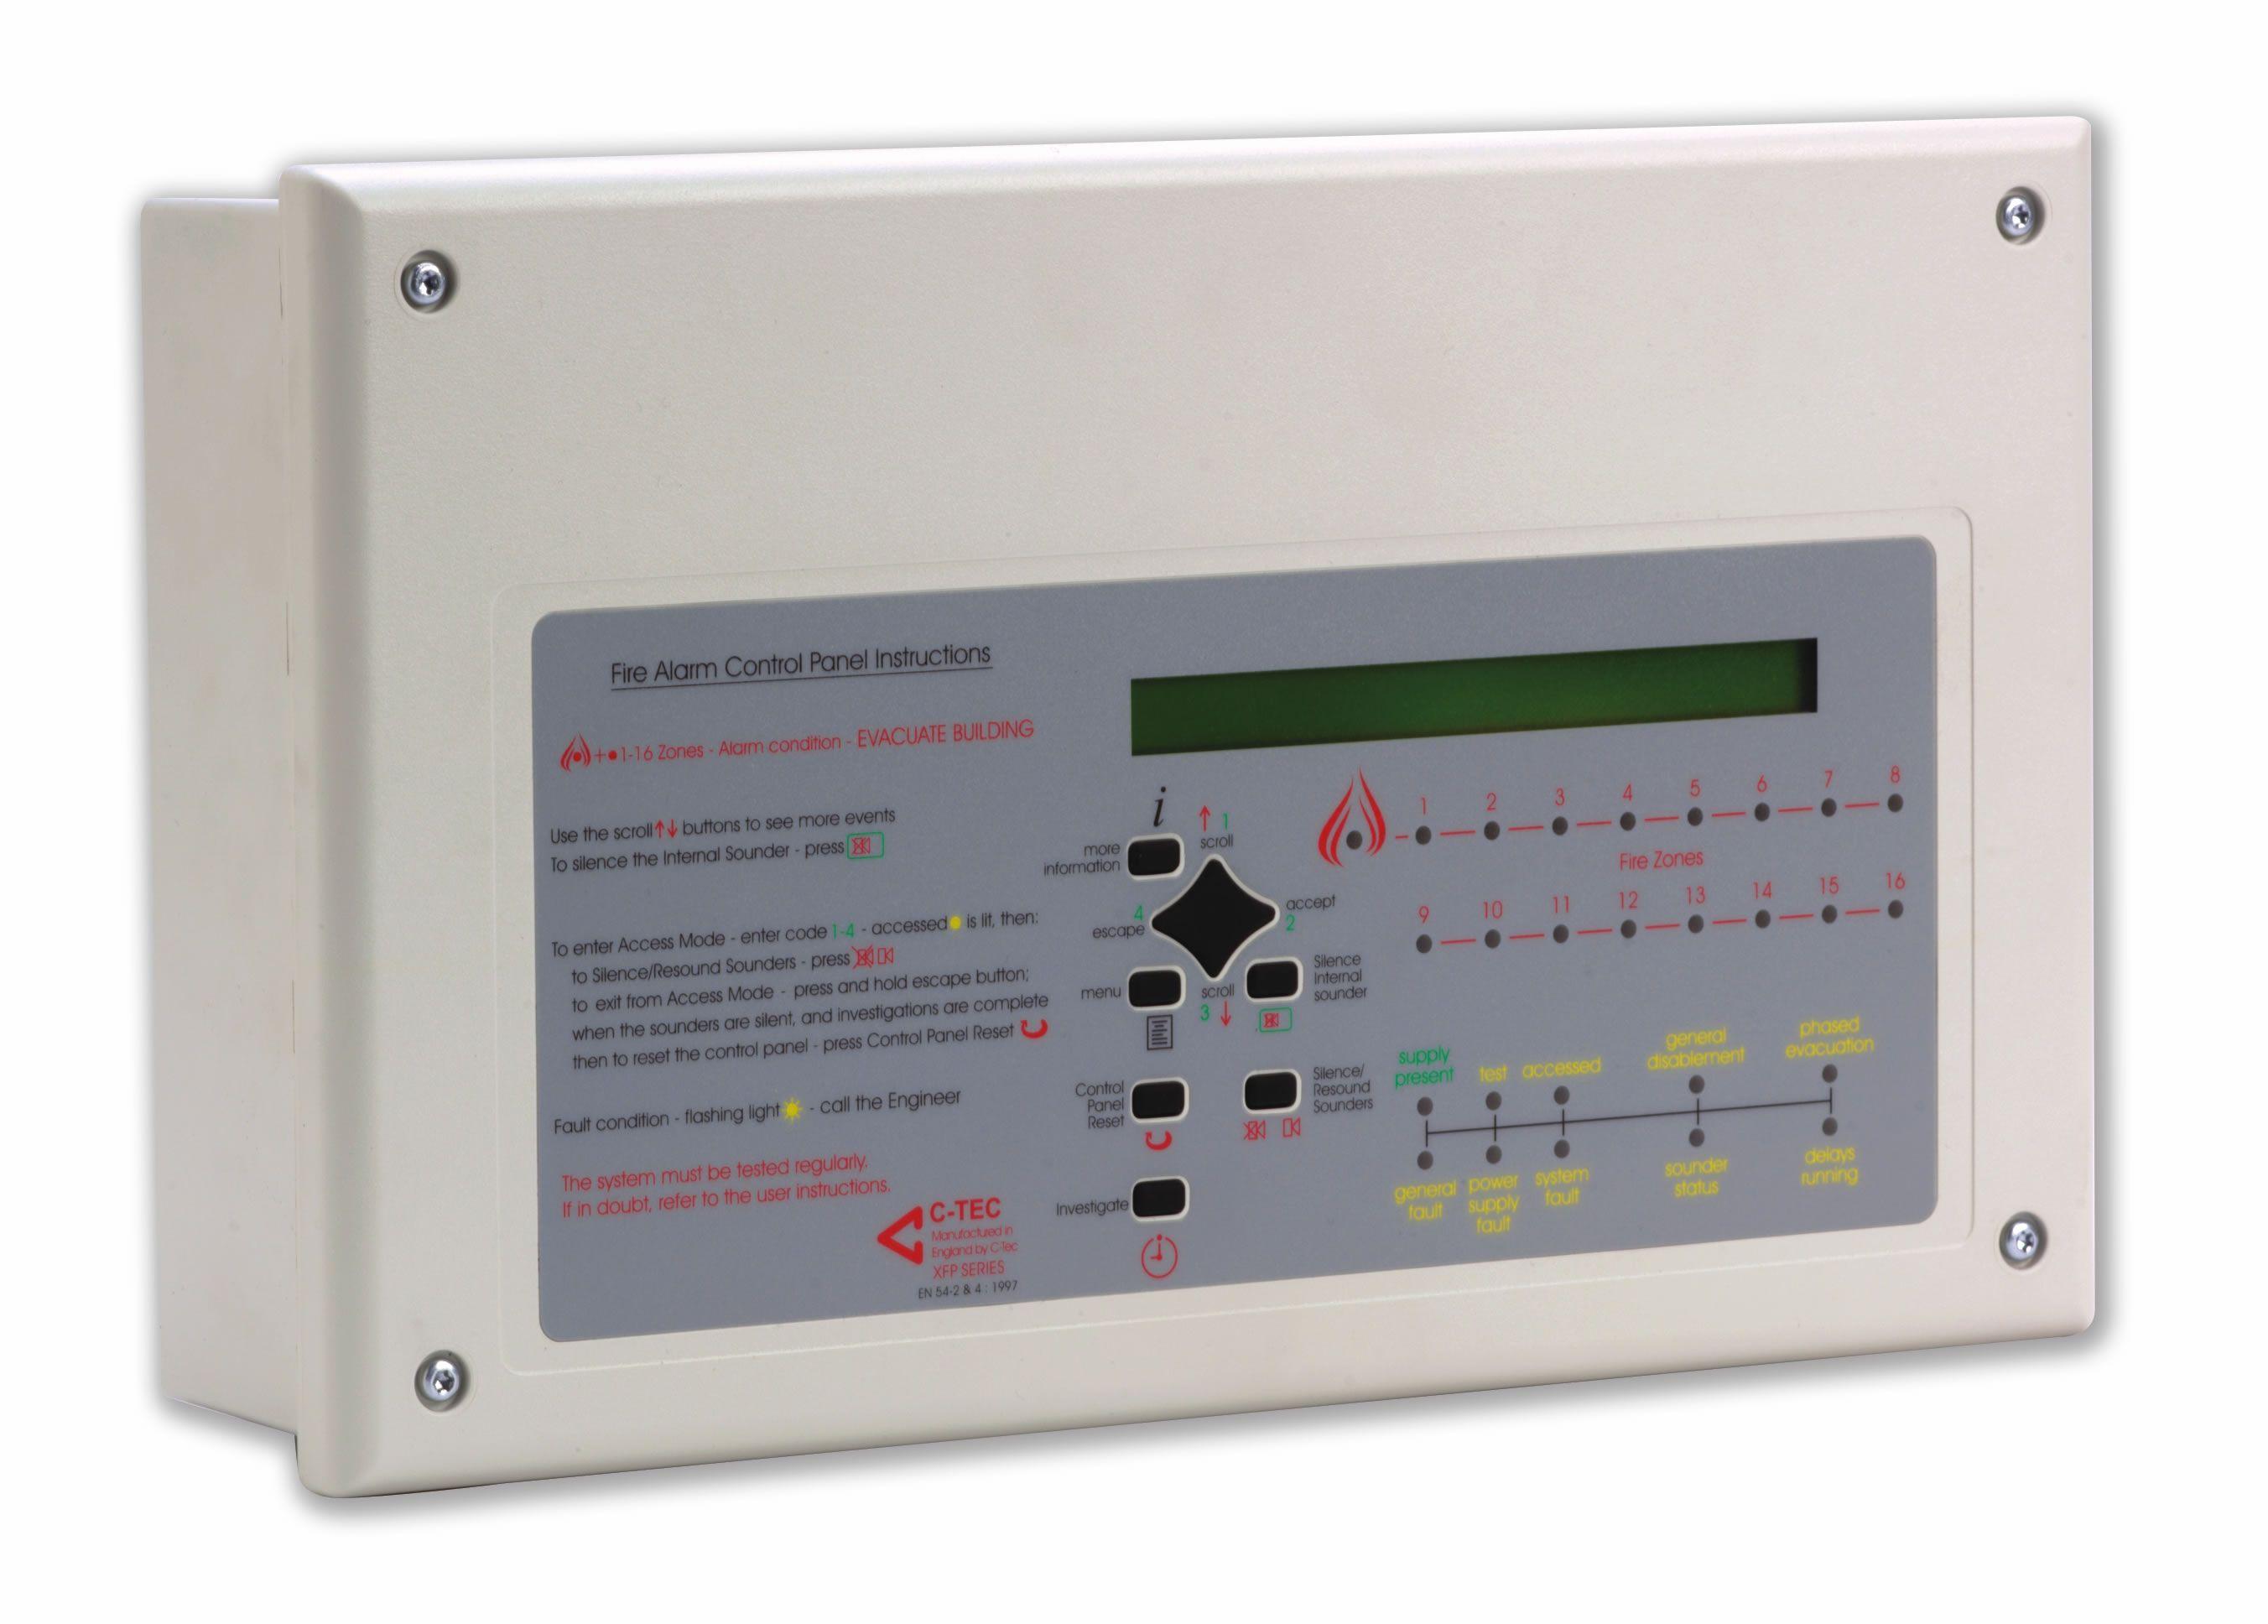 أجهزة الإنذار ضد الحريق Fire Alarm System نظام الإنذار المعنون Analog Addressable انذار الحريق انذار حريق انذار الحريق Alor Save Quick